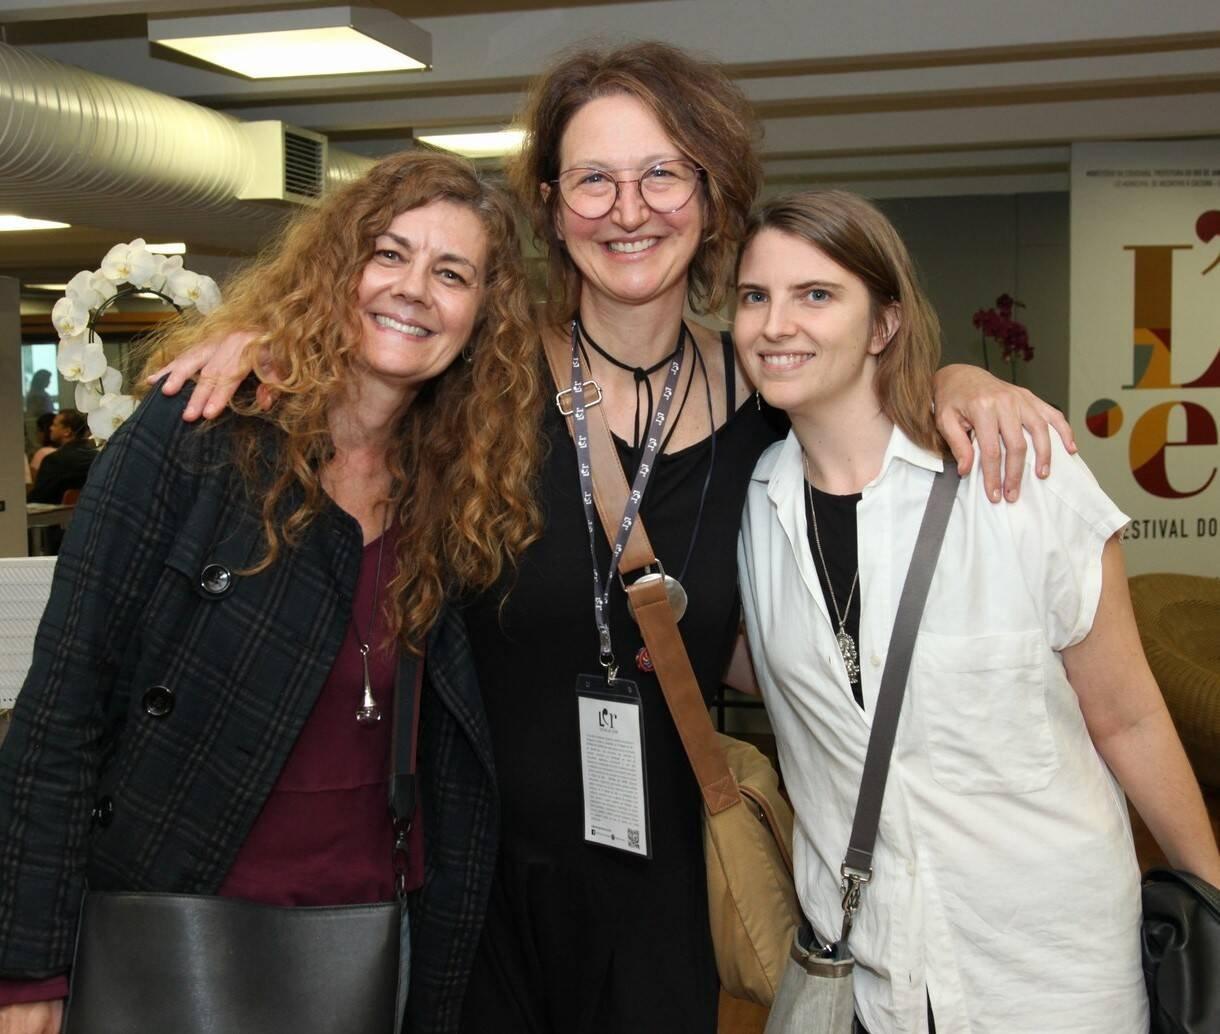 Andrea Bietri, Paula Taitelbaum e Erica Munhoz  /Foto: Vera Donato